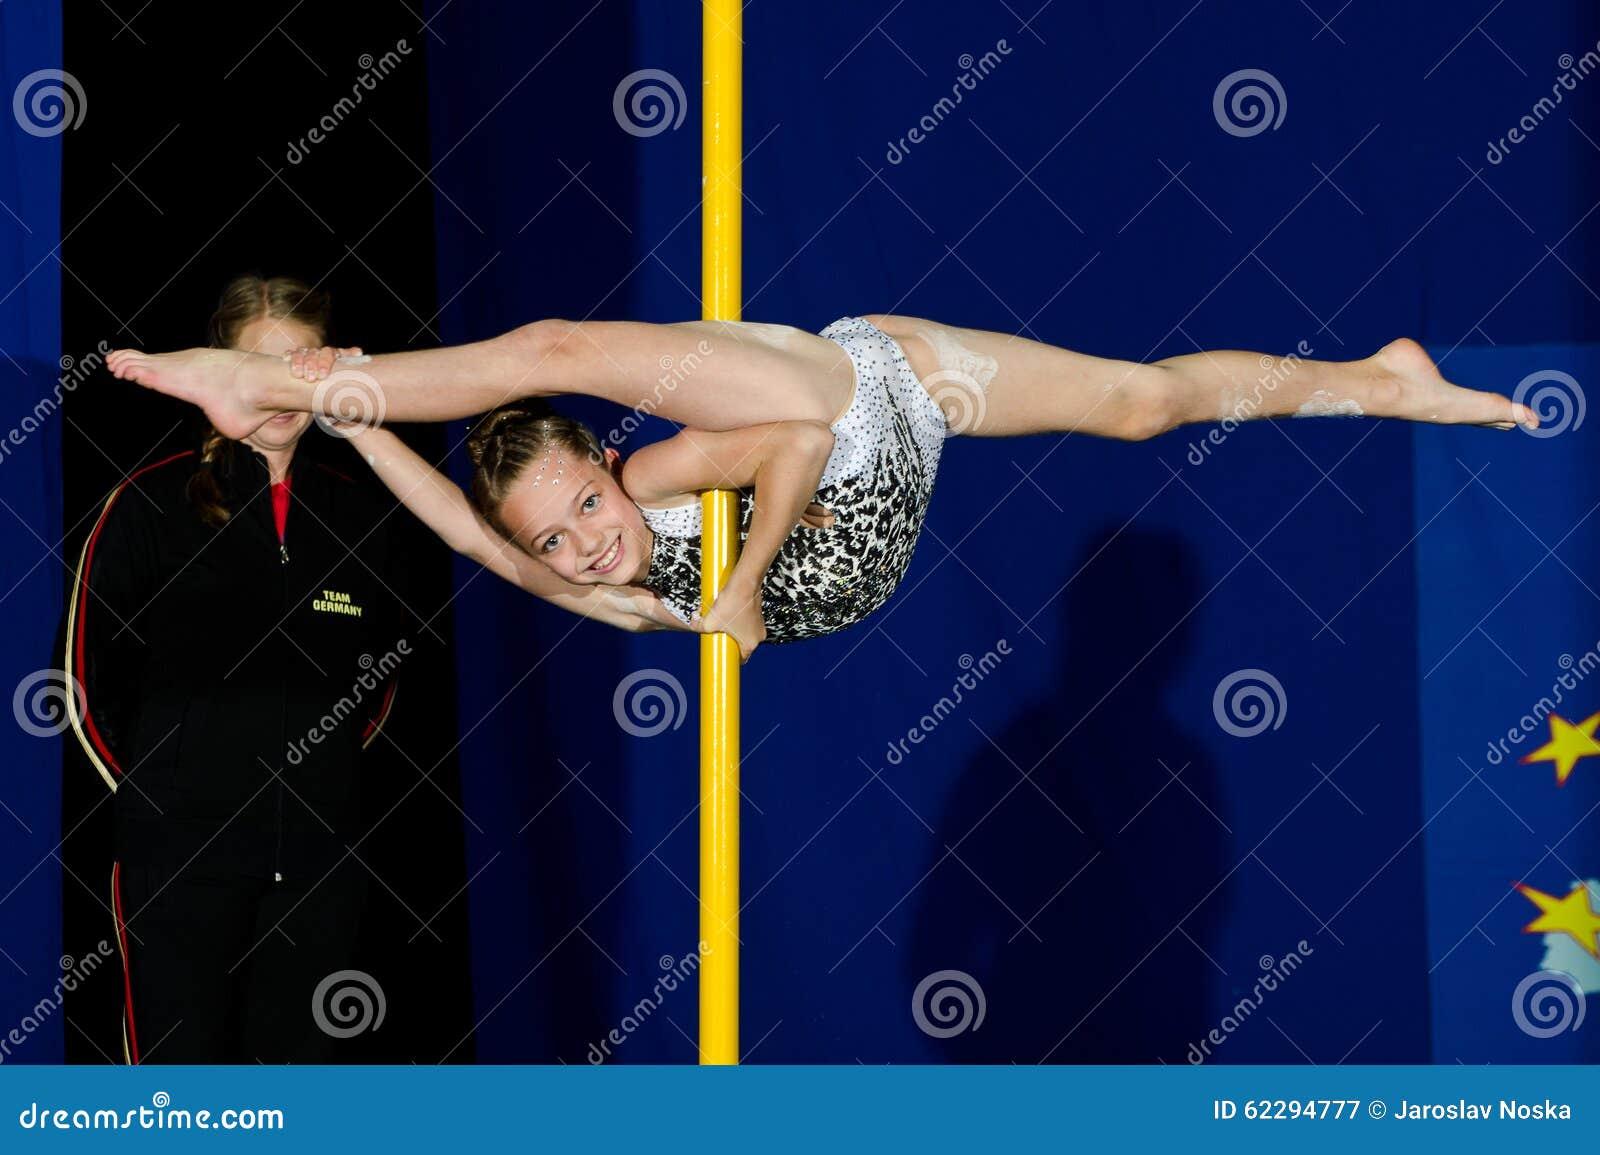 pole dance junior